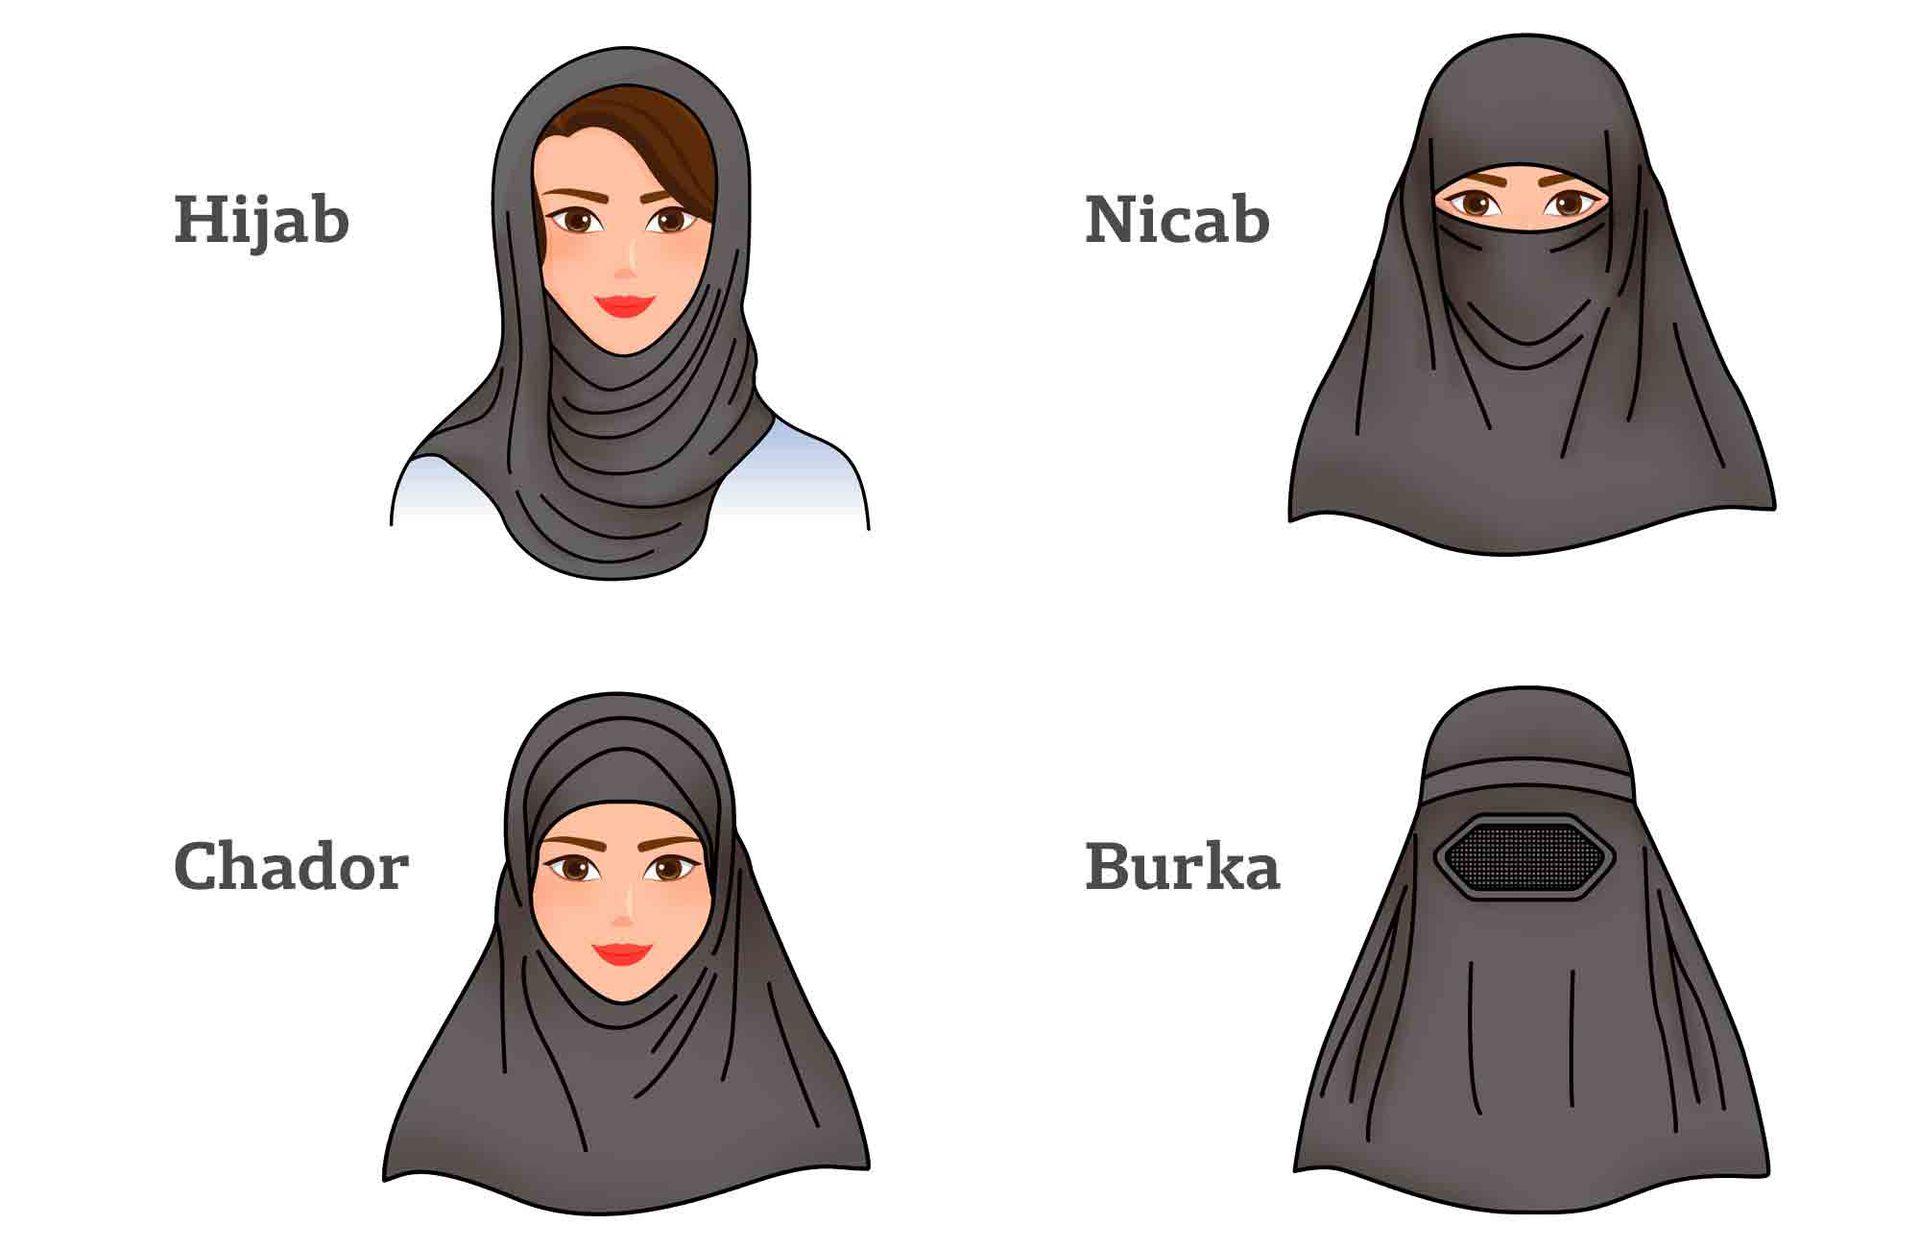 Burka, Nicab o Chador son variantes al hijab, pañuelo que cubre cabeza y hombros, un símbolo de identidad y pertenencia.